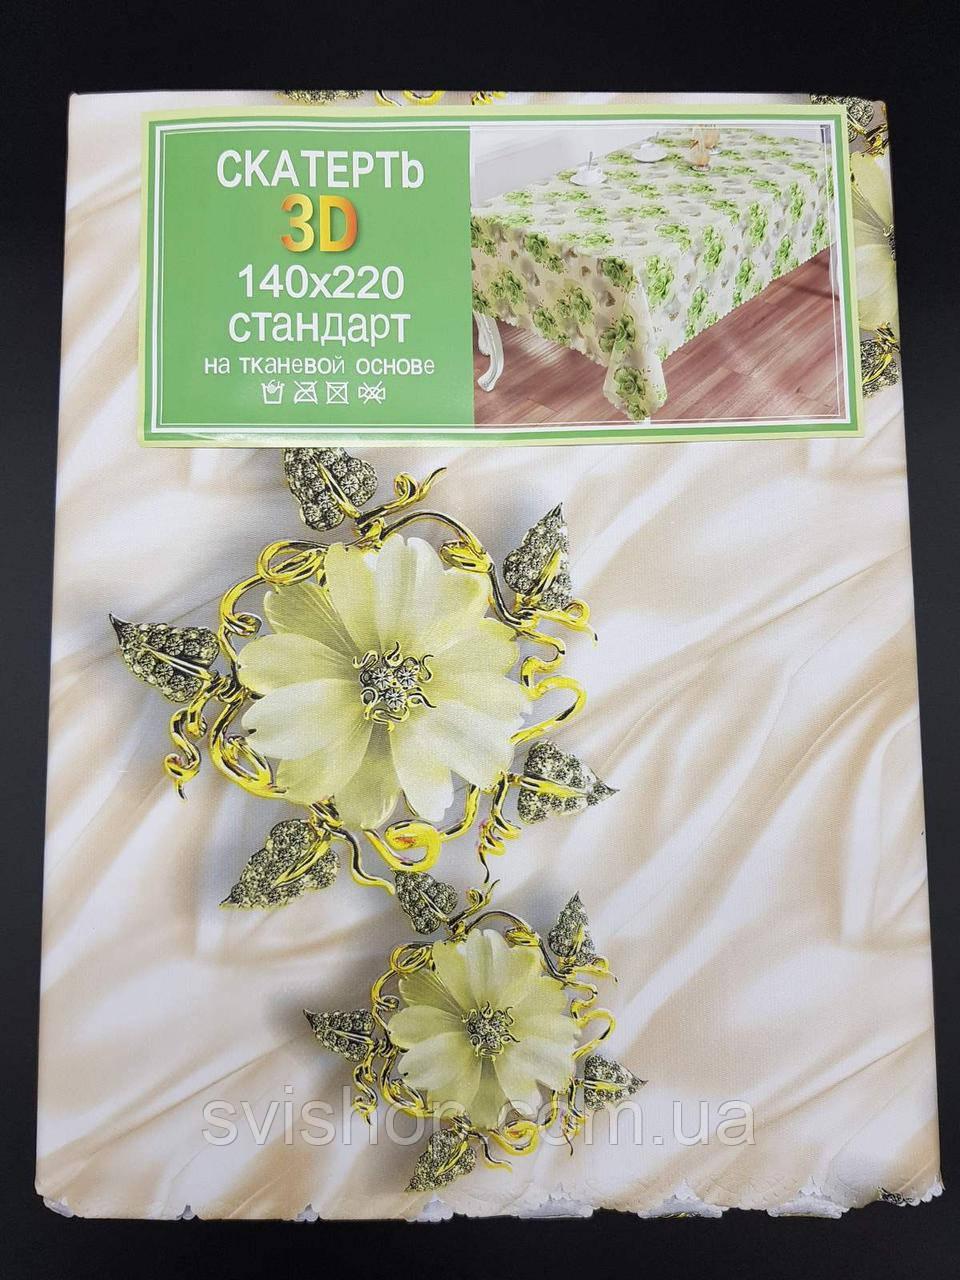 Скатерть для стола на тканевой основе с 3d рисунком 140-220 см.